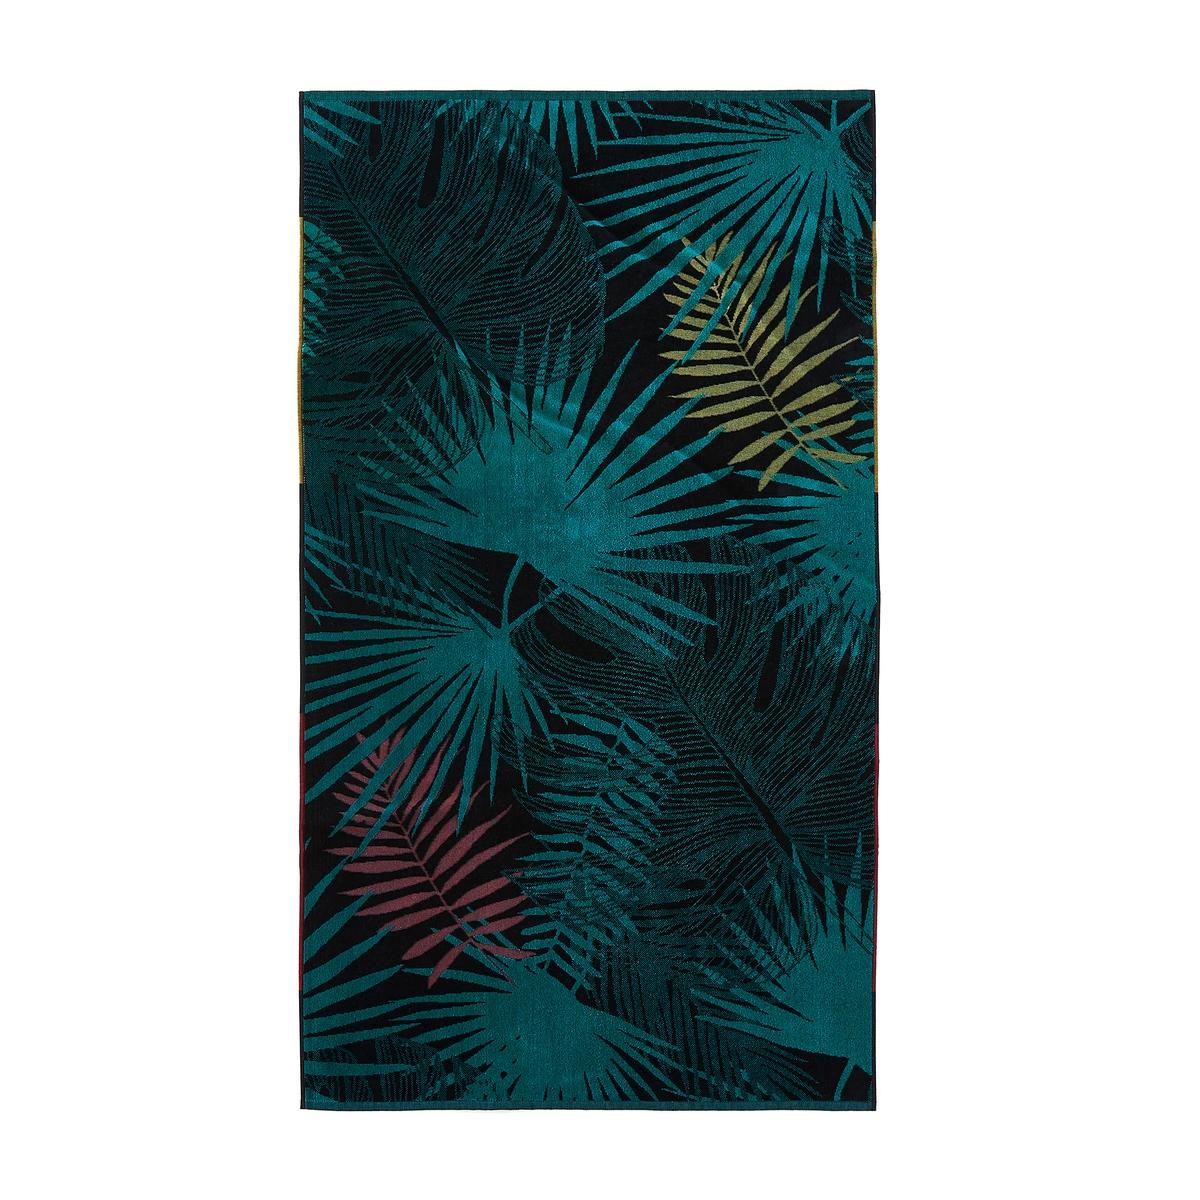 Покрывало La Redoute Пляжное из махровой велюровой ткани Toucan единый размер разноцветный комплект из банных принадлежностей la redoute из махровой ткани гм scenario единый размер белый